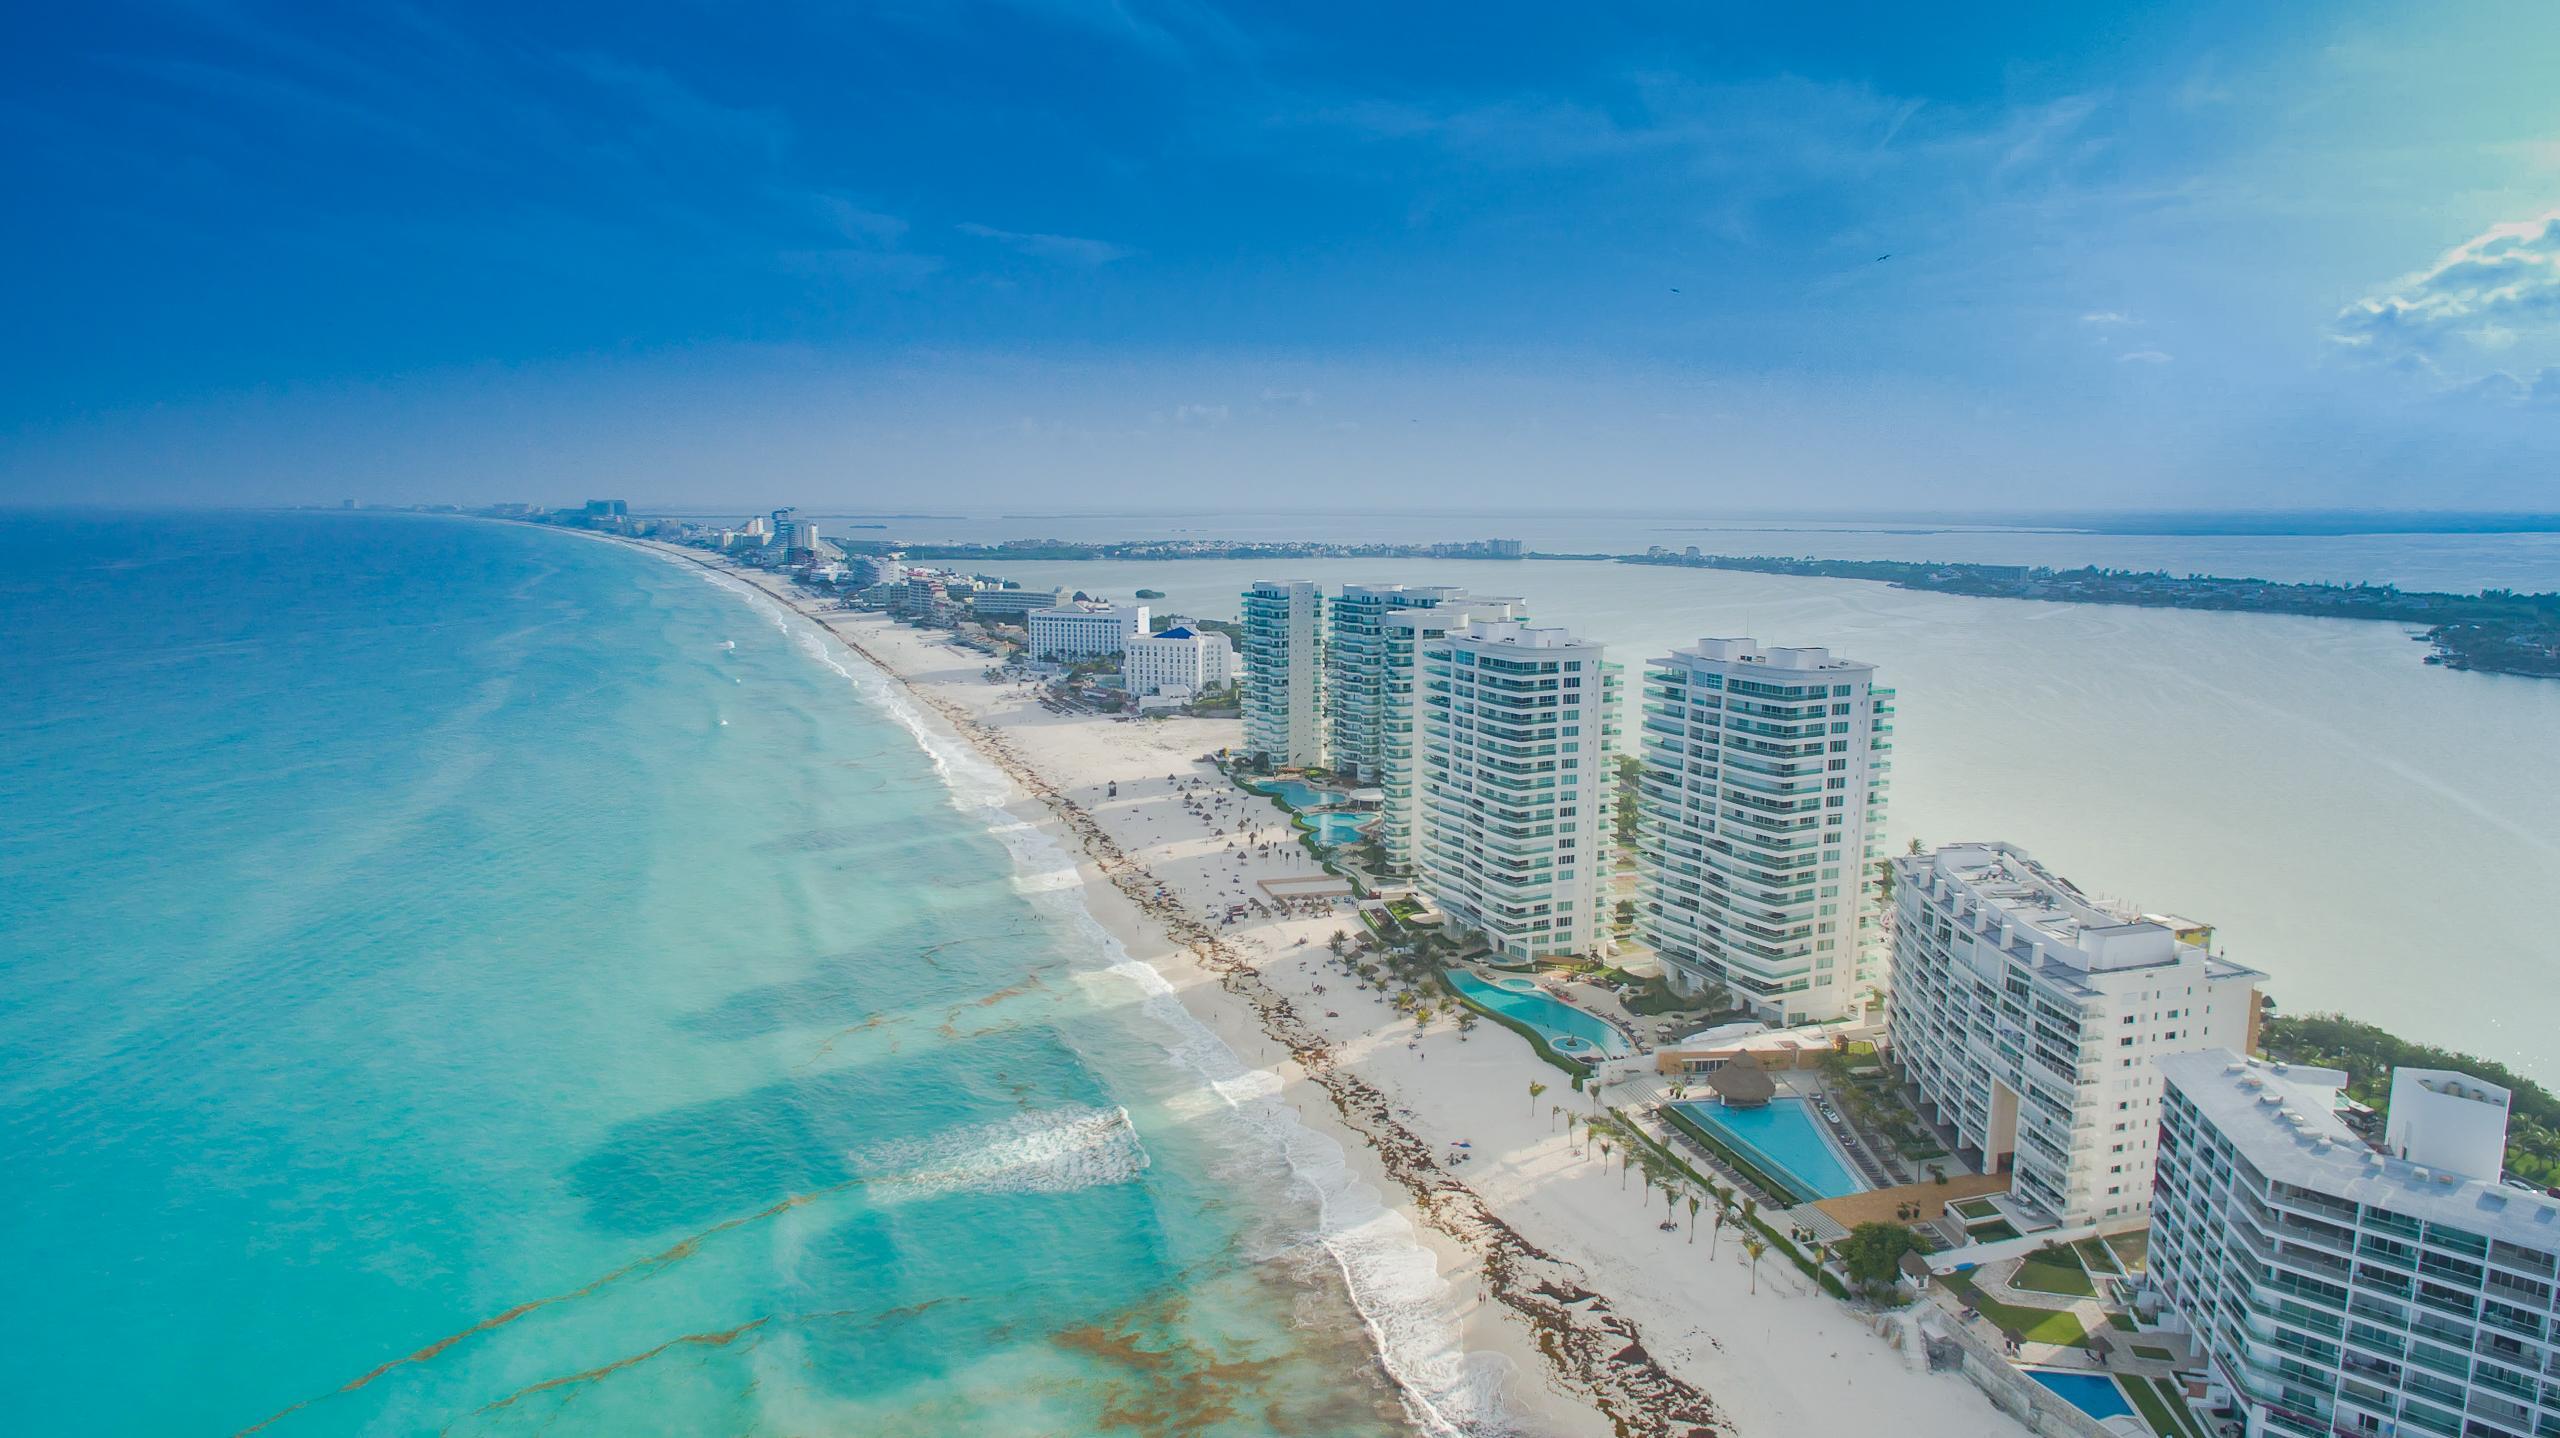 Канкун. Фото © Wikimedia Commons / Dronepicr